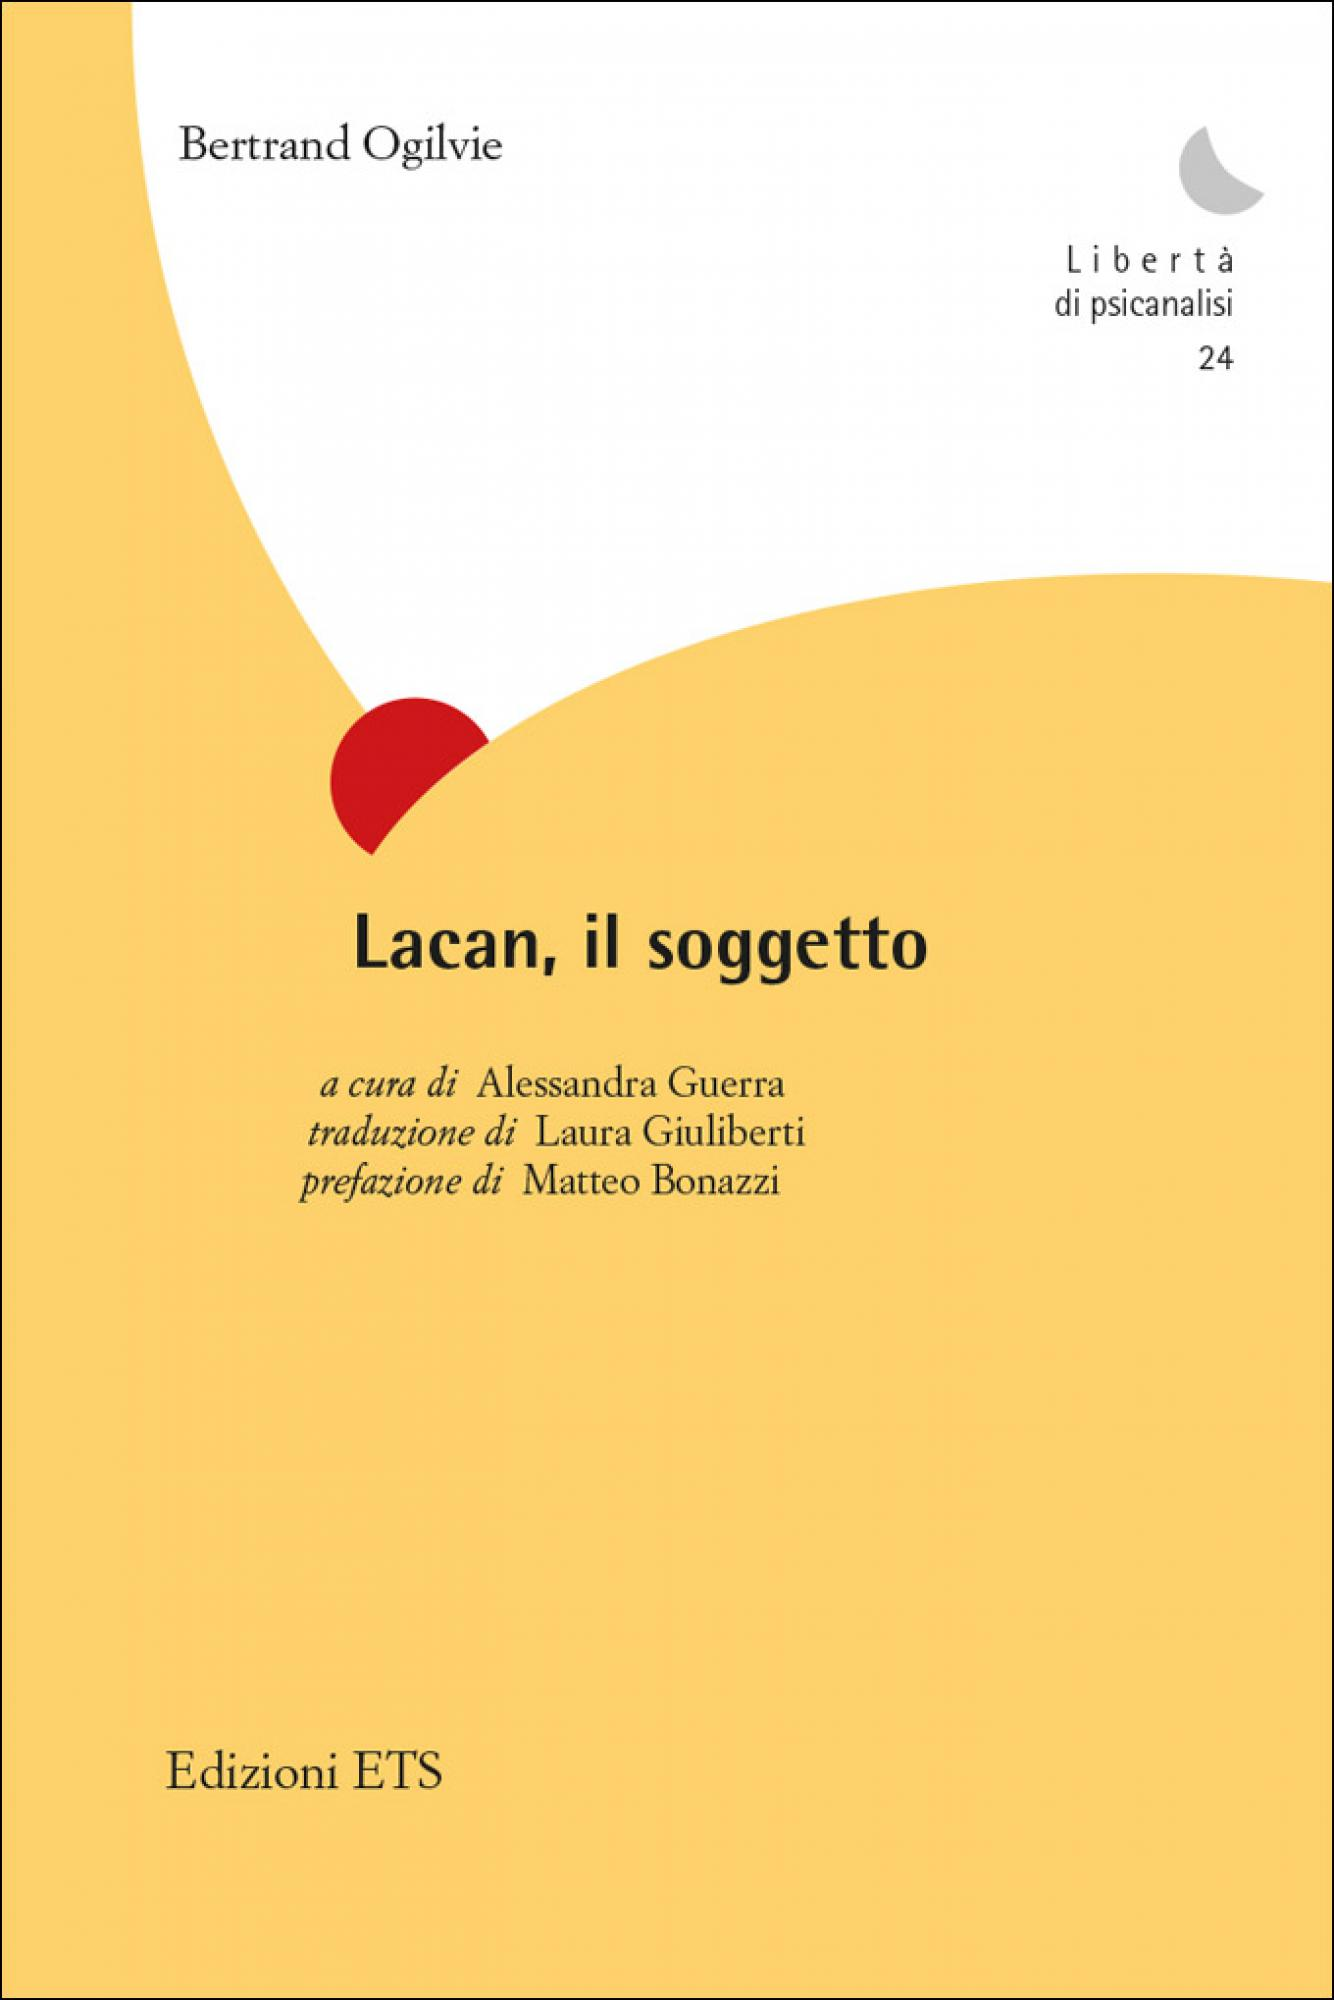 Lacan, il soggetto